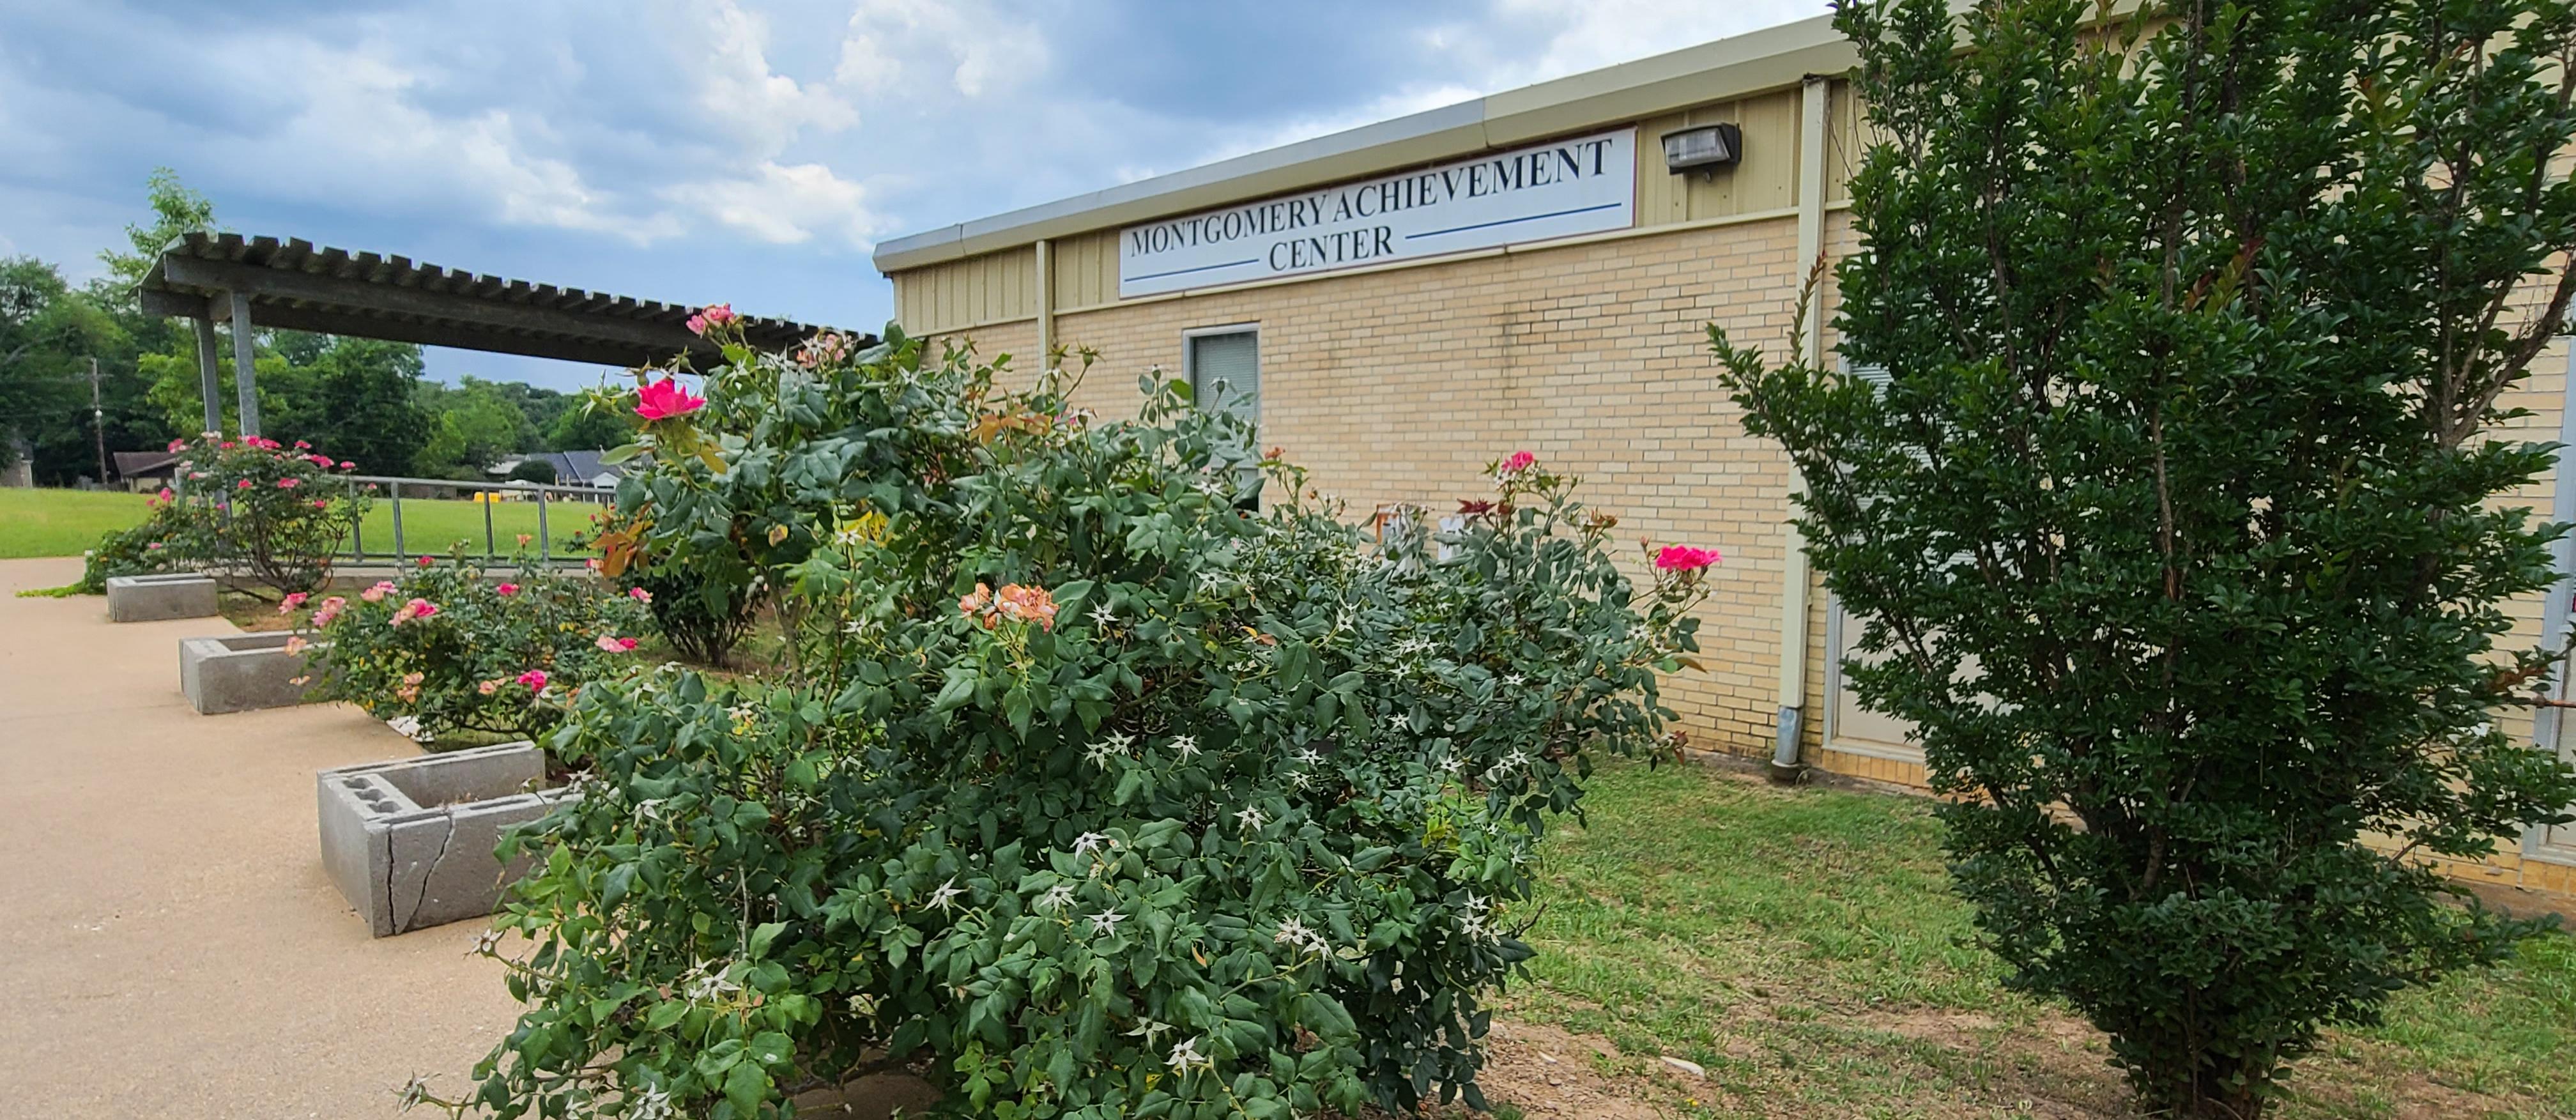 Montgomery Achievement Center